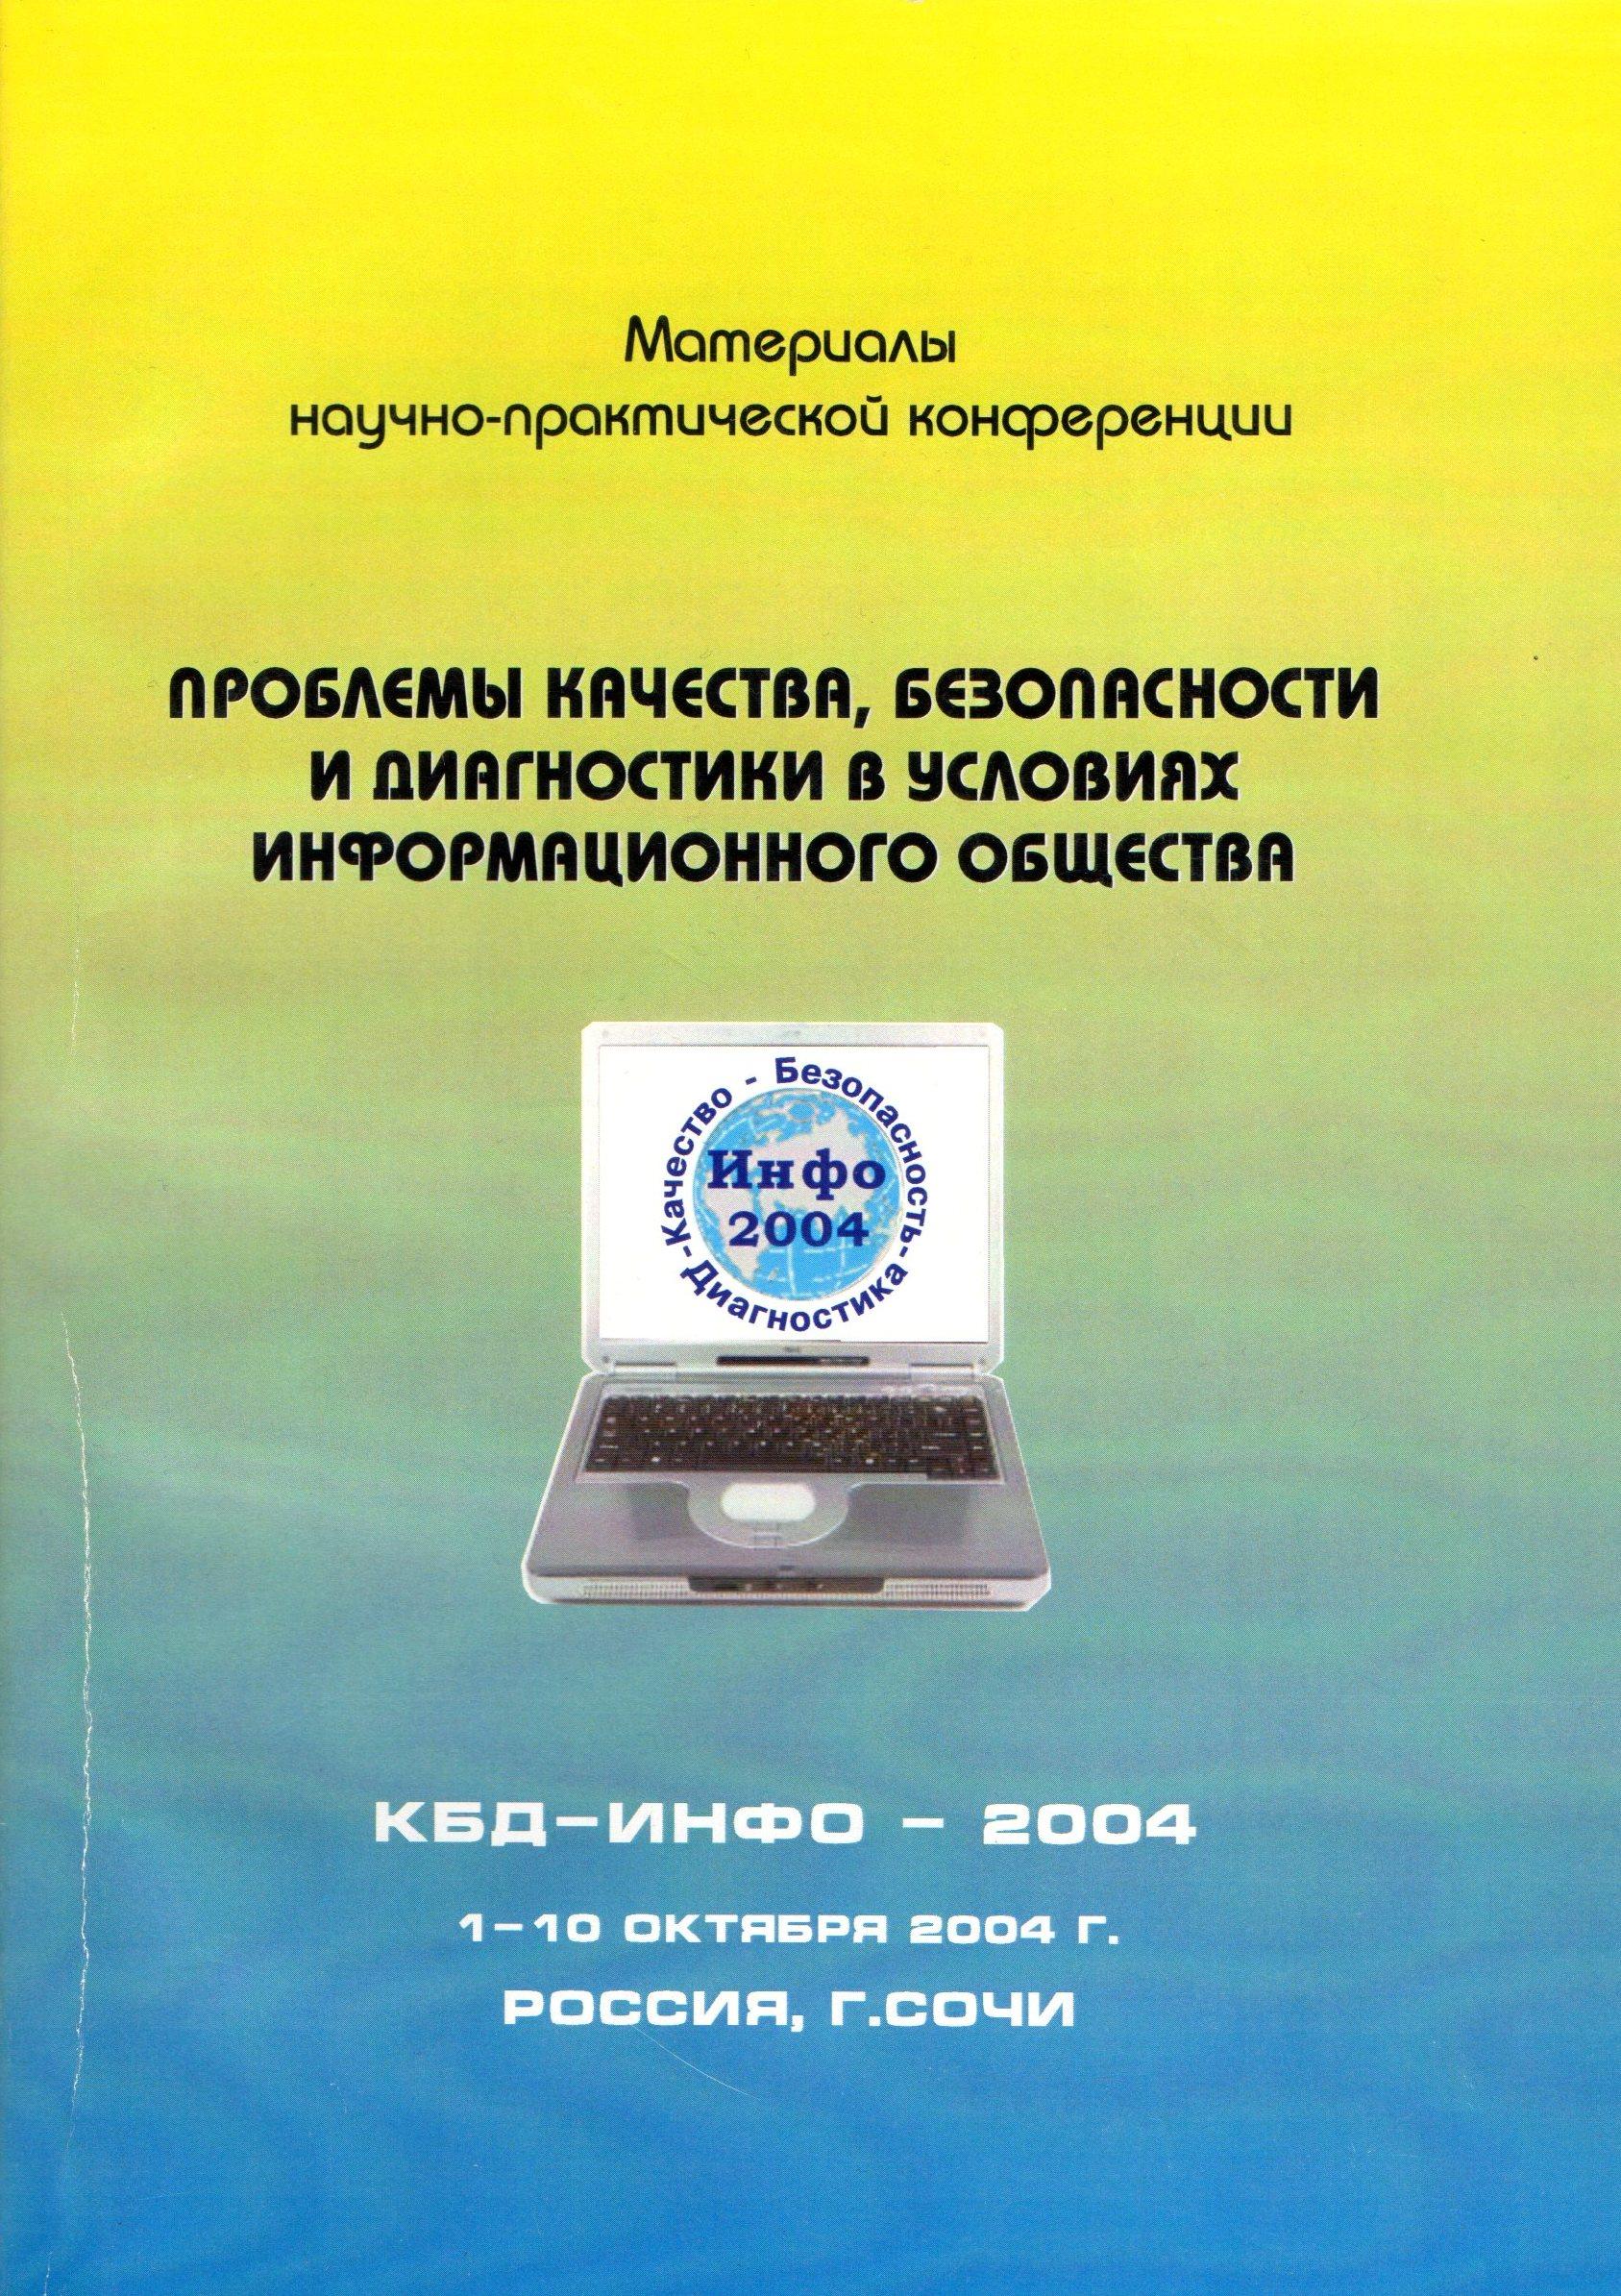 Проблемы качества, безопасности и диагностики в условиях информационного общества: Материалы научно-практической конференции